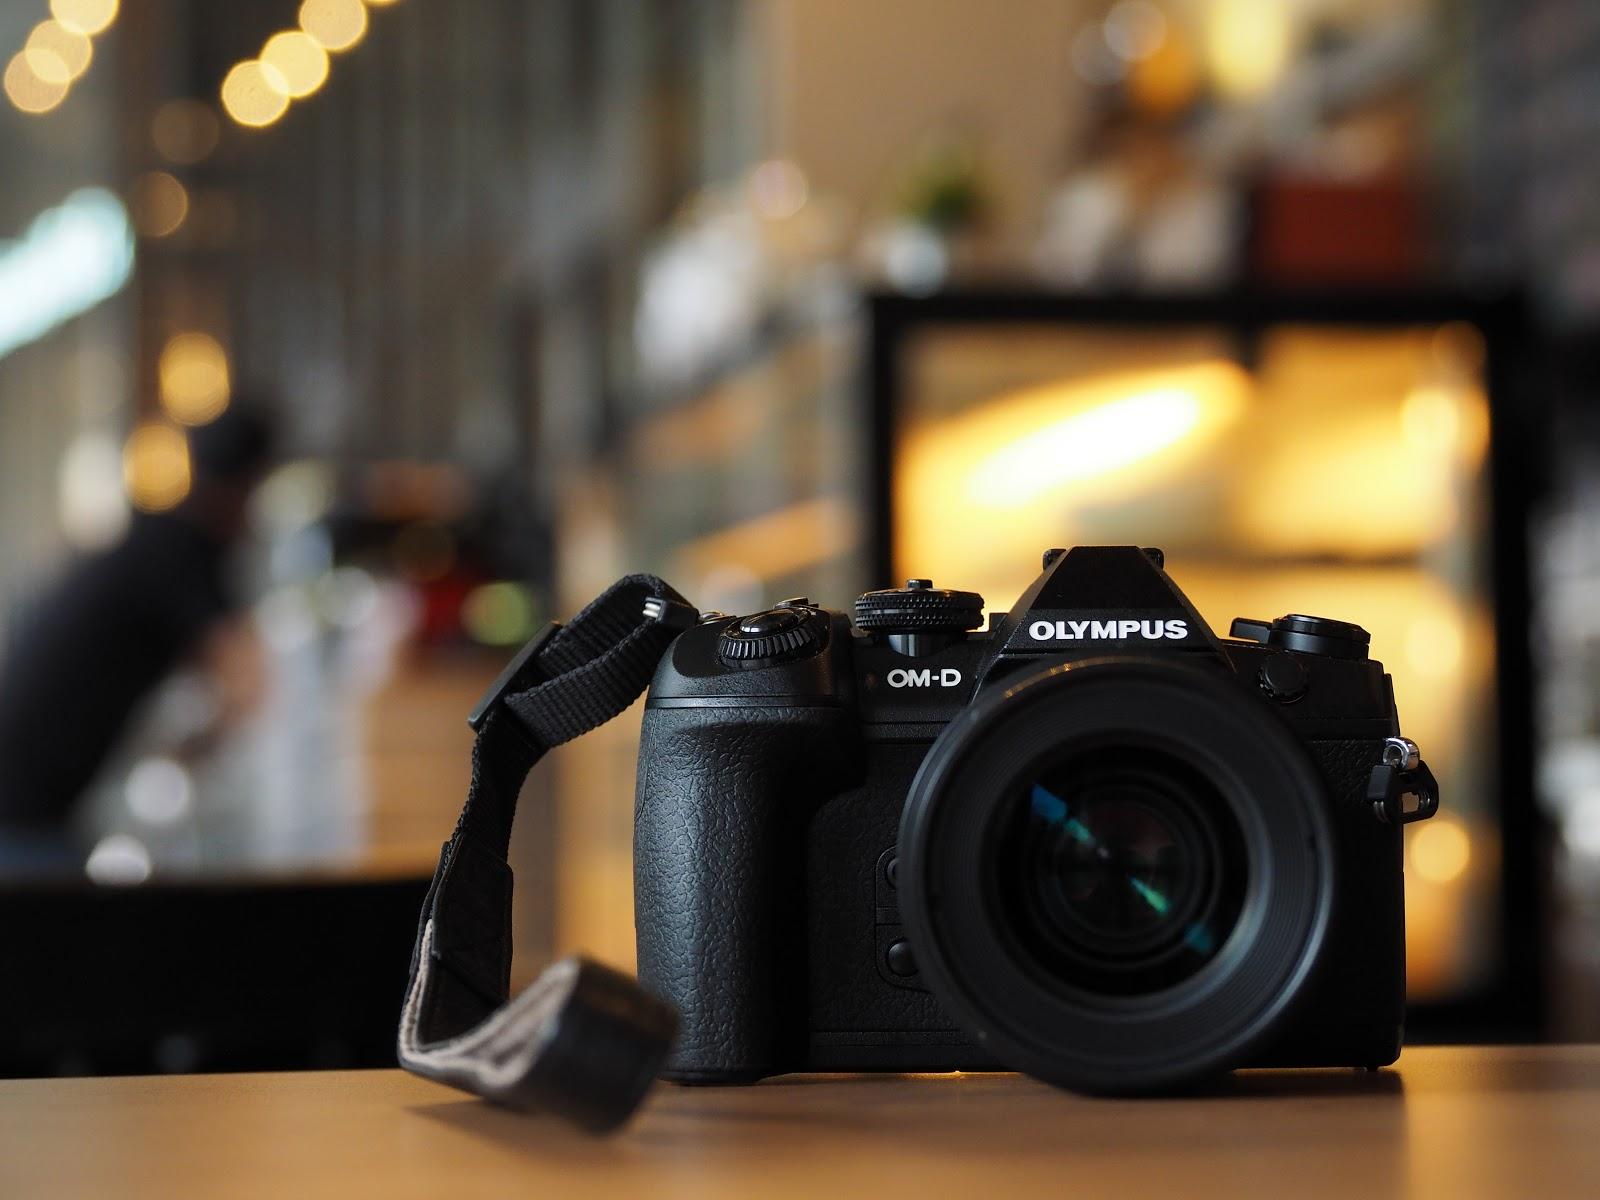 Người tiêu dùng có nhiều lựa chọn khi mua một máy ảnh gương Olympus, bao gồm máy ảnh OM-D E-M1 phổ biến và máy ảnh OM-D E-M5 Mark II mới.